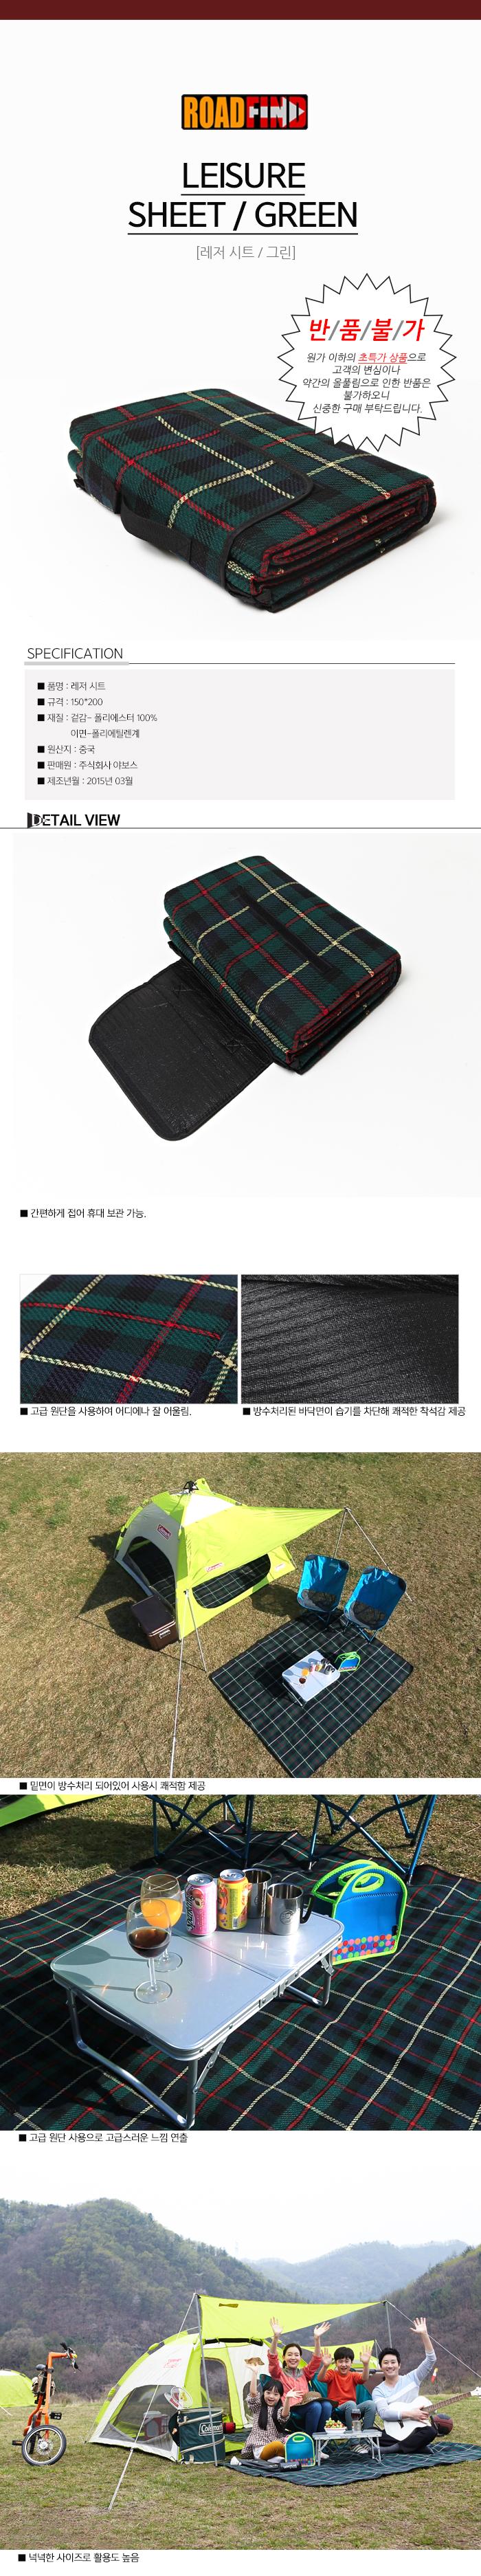 로드파인드 4인용 레저시트 - 이케아, 6,500원, 매트/돗자리, 매트/돗자리/베개